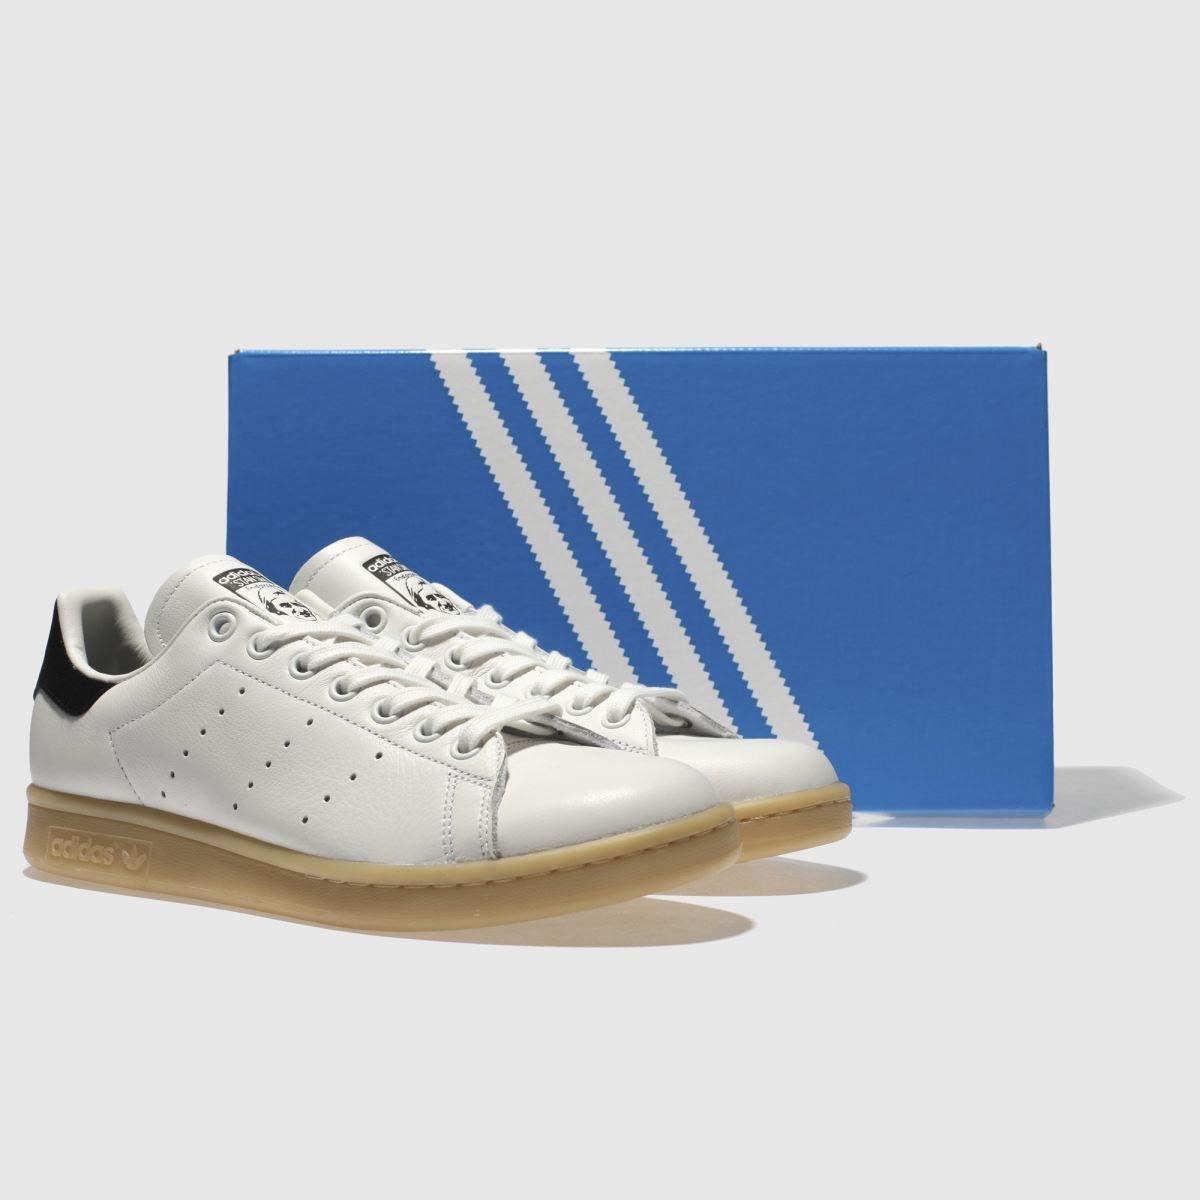 Damen schuh Weiß-schwarz adidas Stan Smith Leather Gum Sneaker | schuh Damen Gute Qualität beliebte Schuhe e0abcf